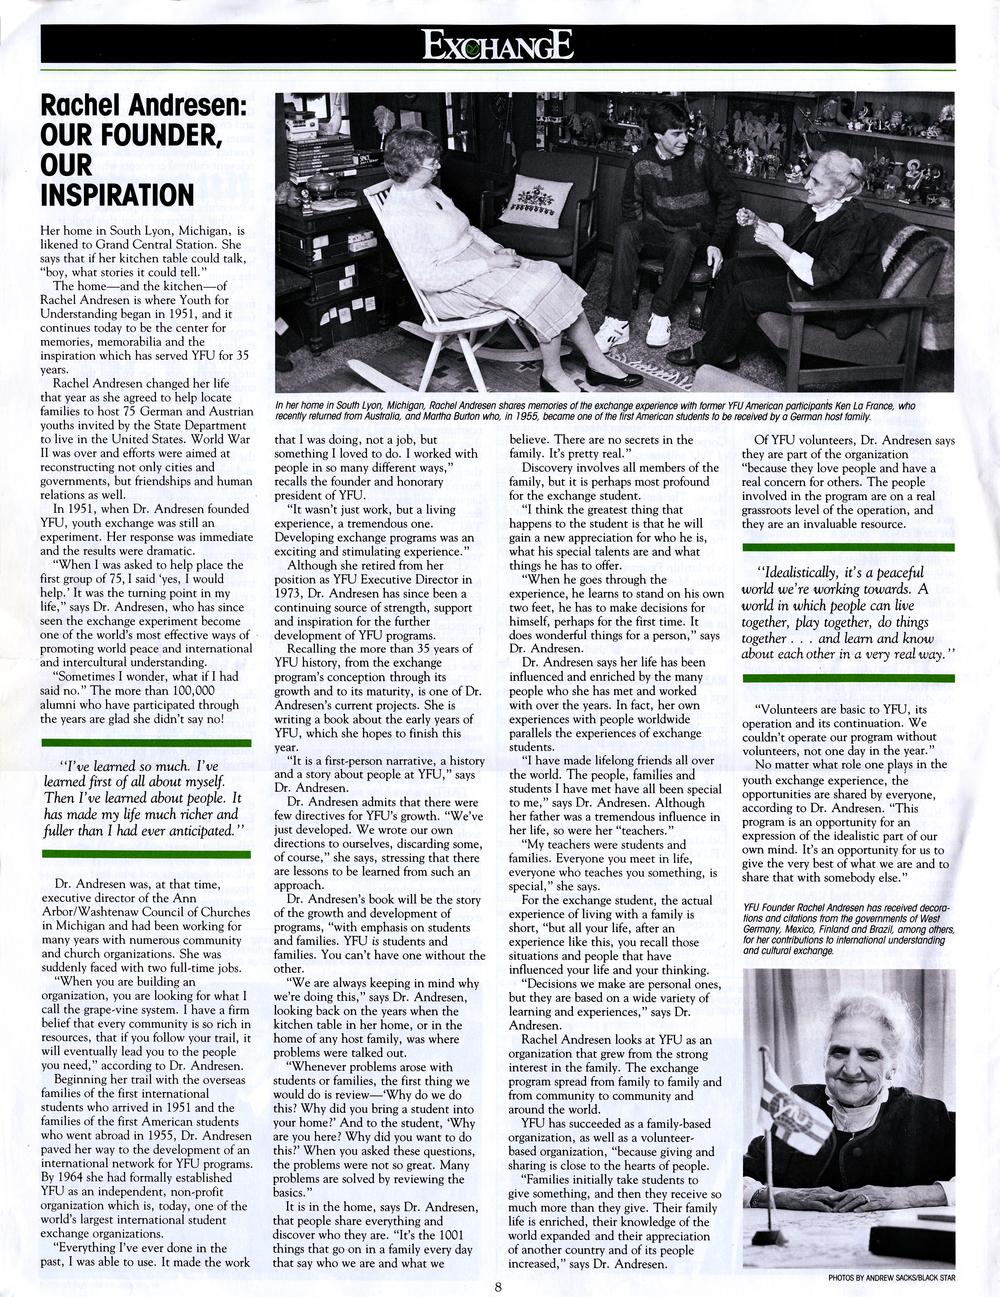 Original 1986 interview with YFU Founder Dr. Rachel Andresen